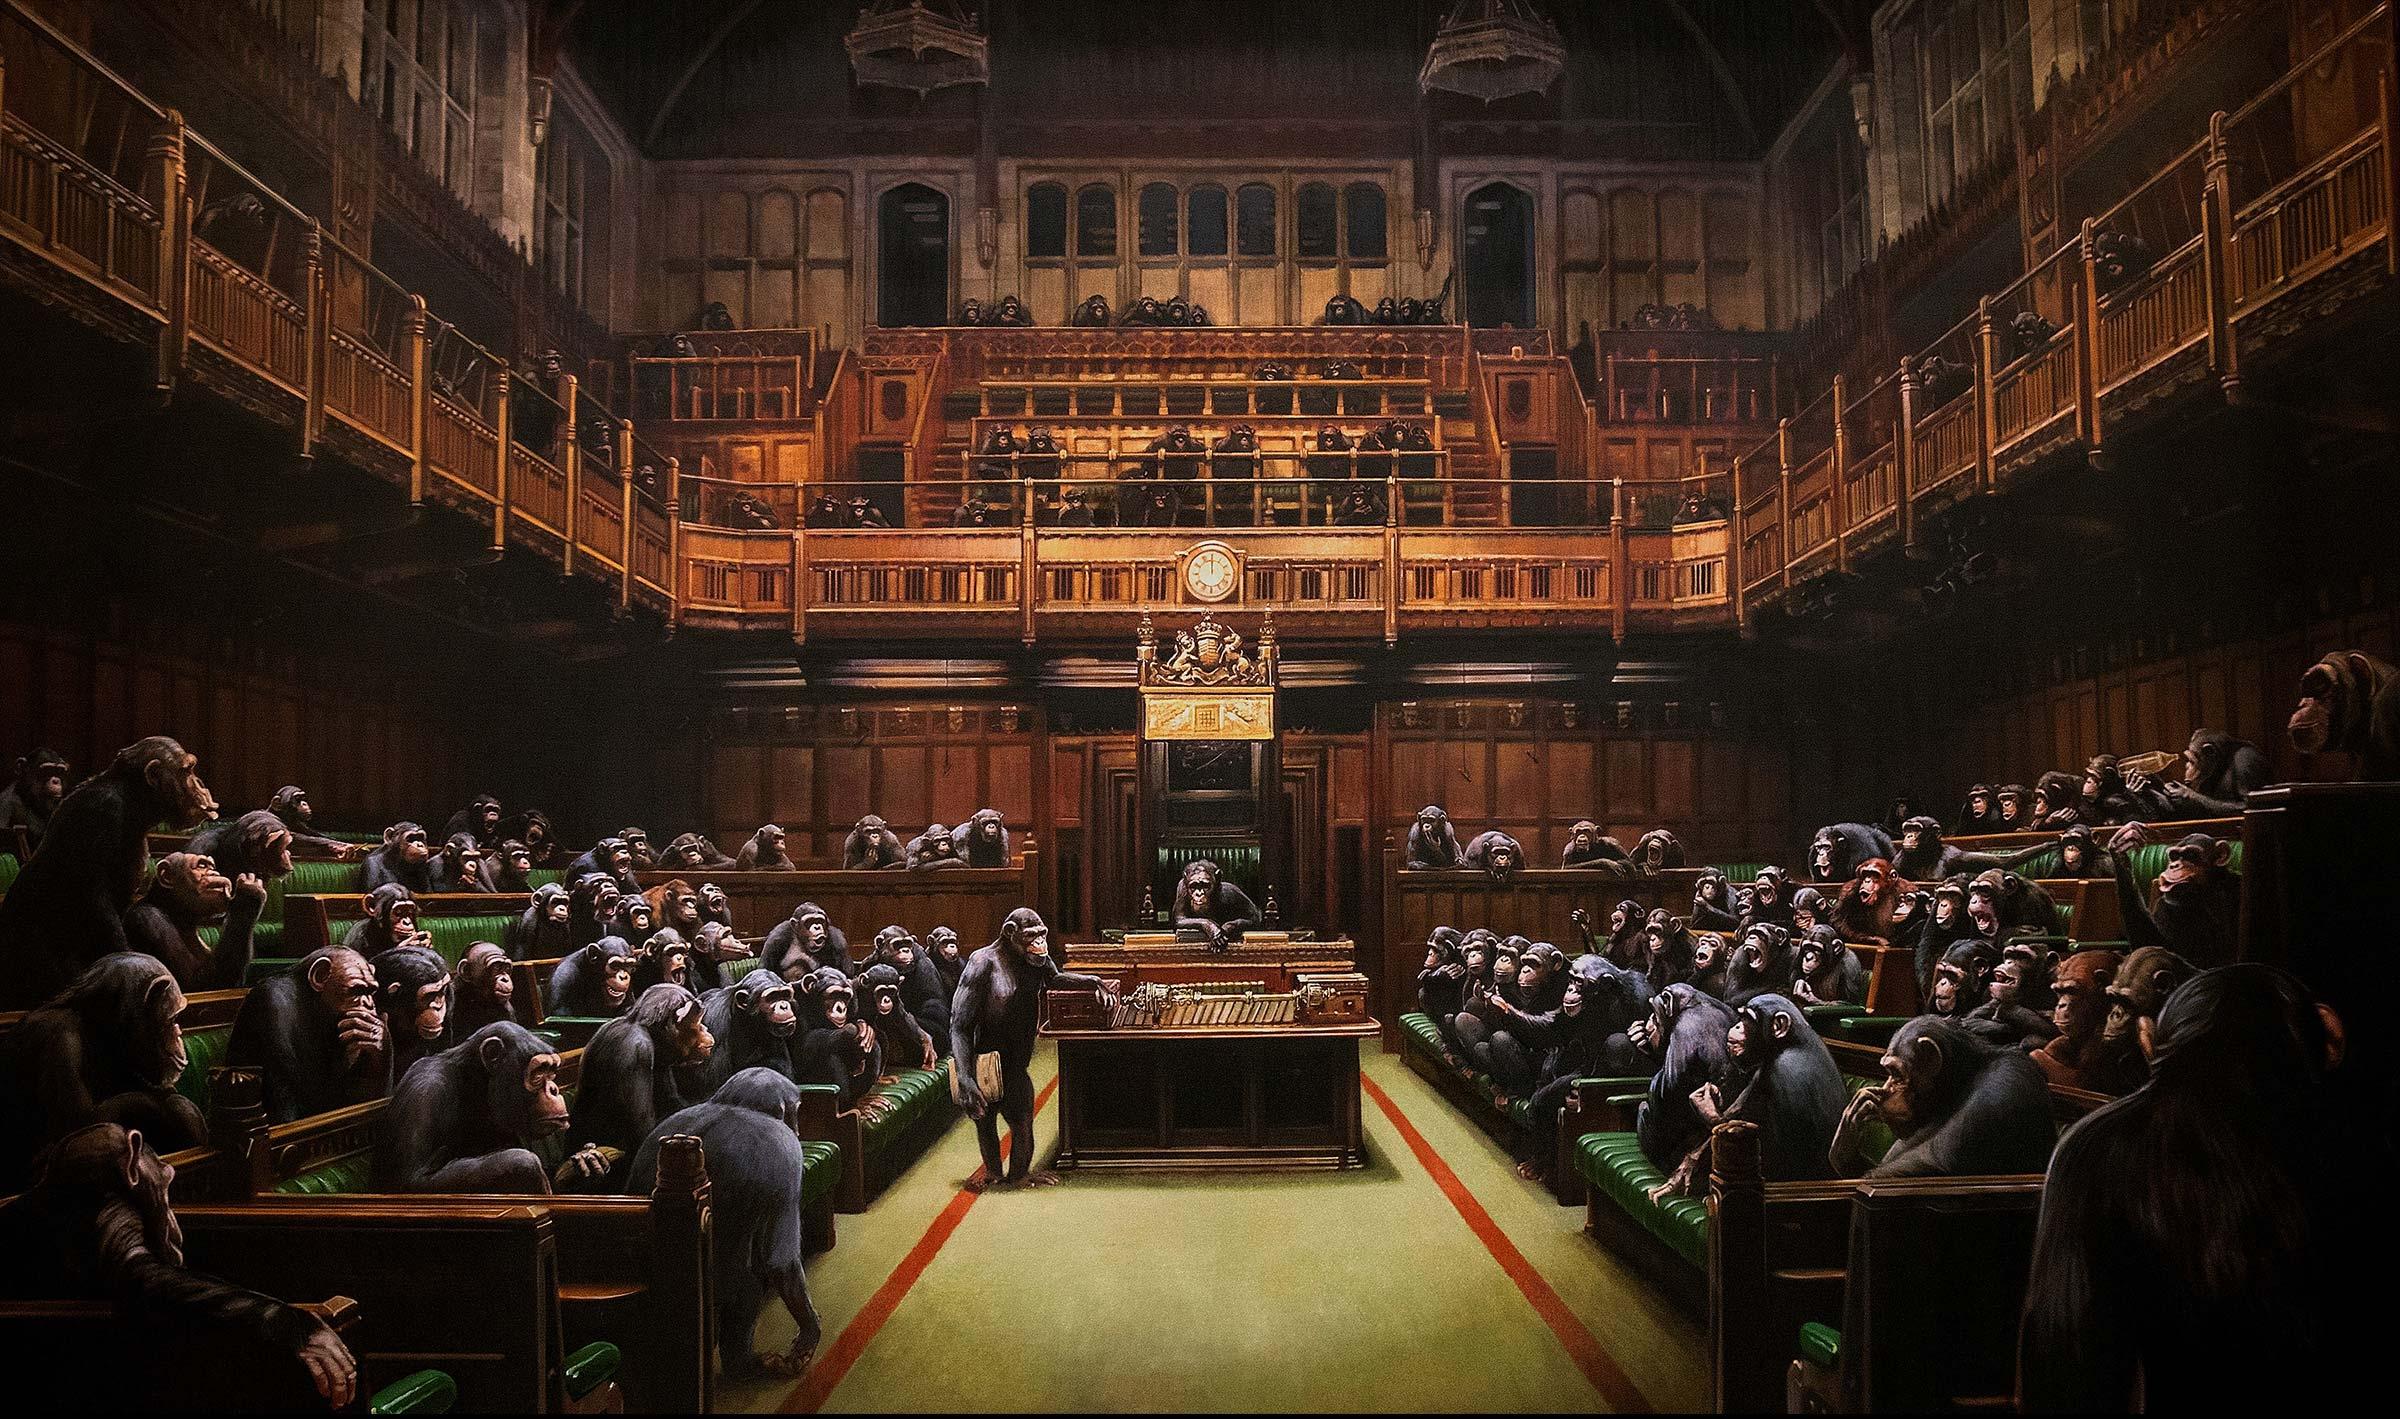 Quadro de Banksy é leiloado por US$ 12,1 milhões, estabelecendo recorde